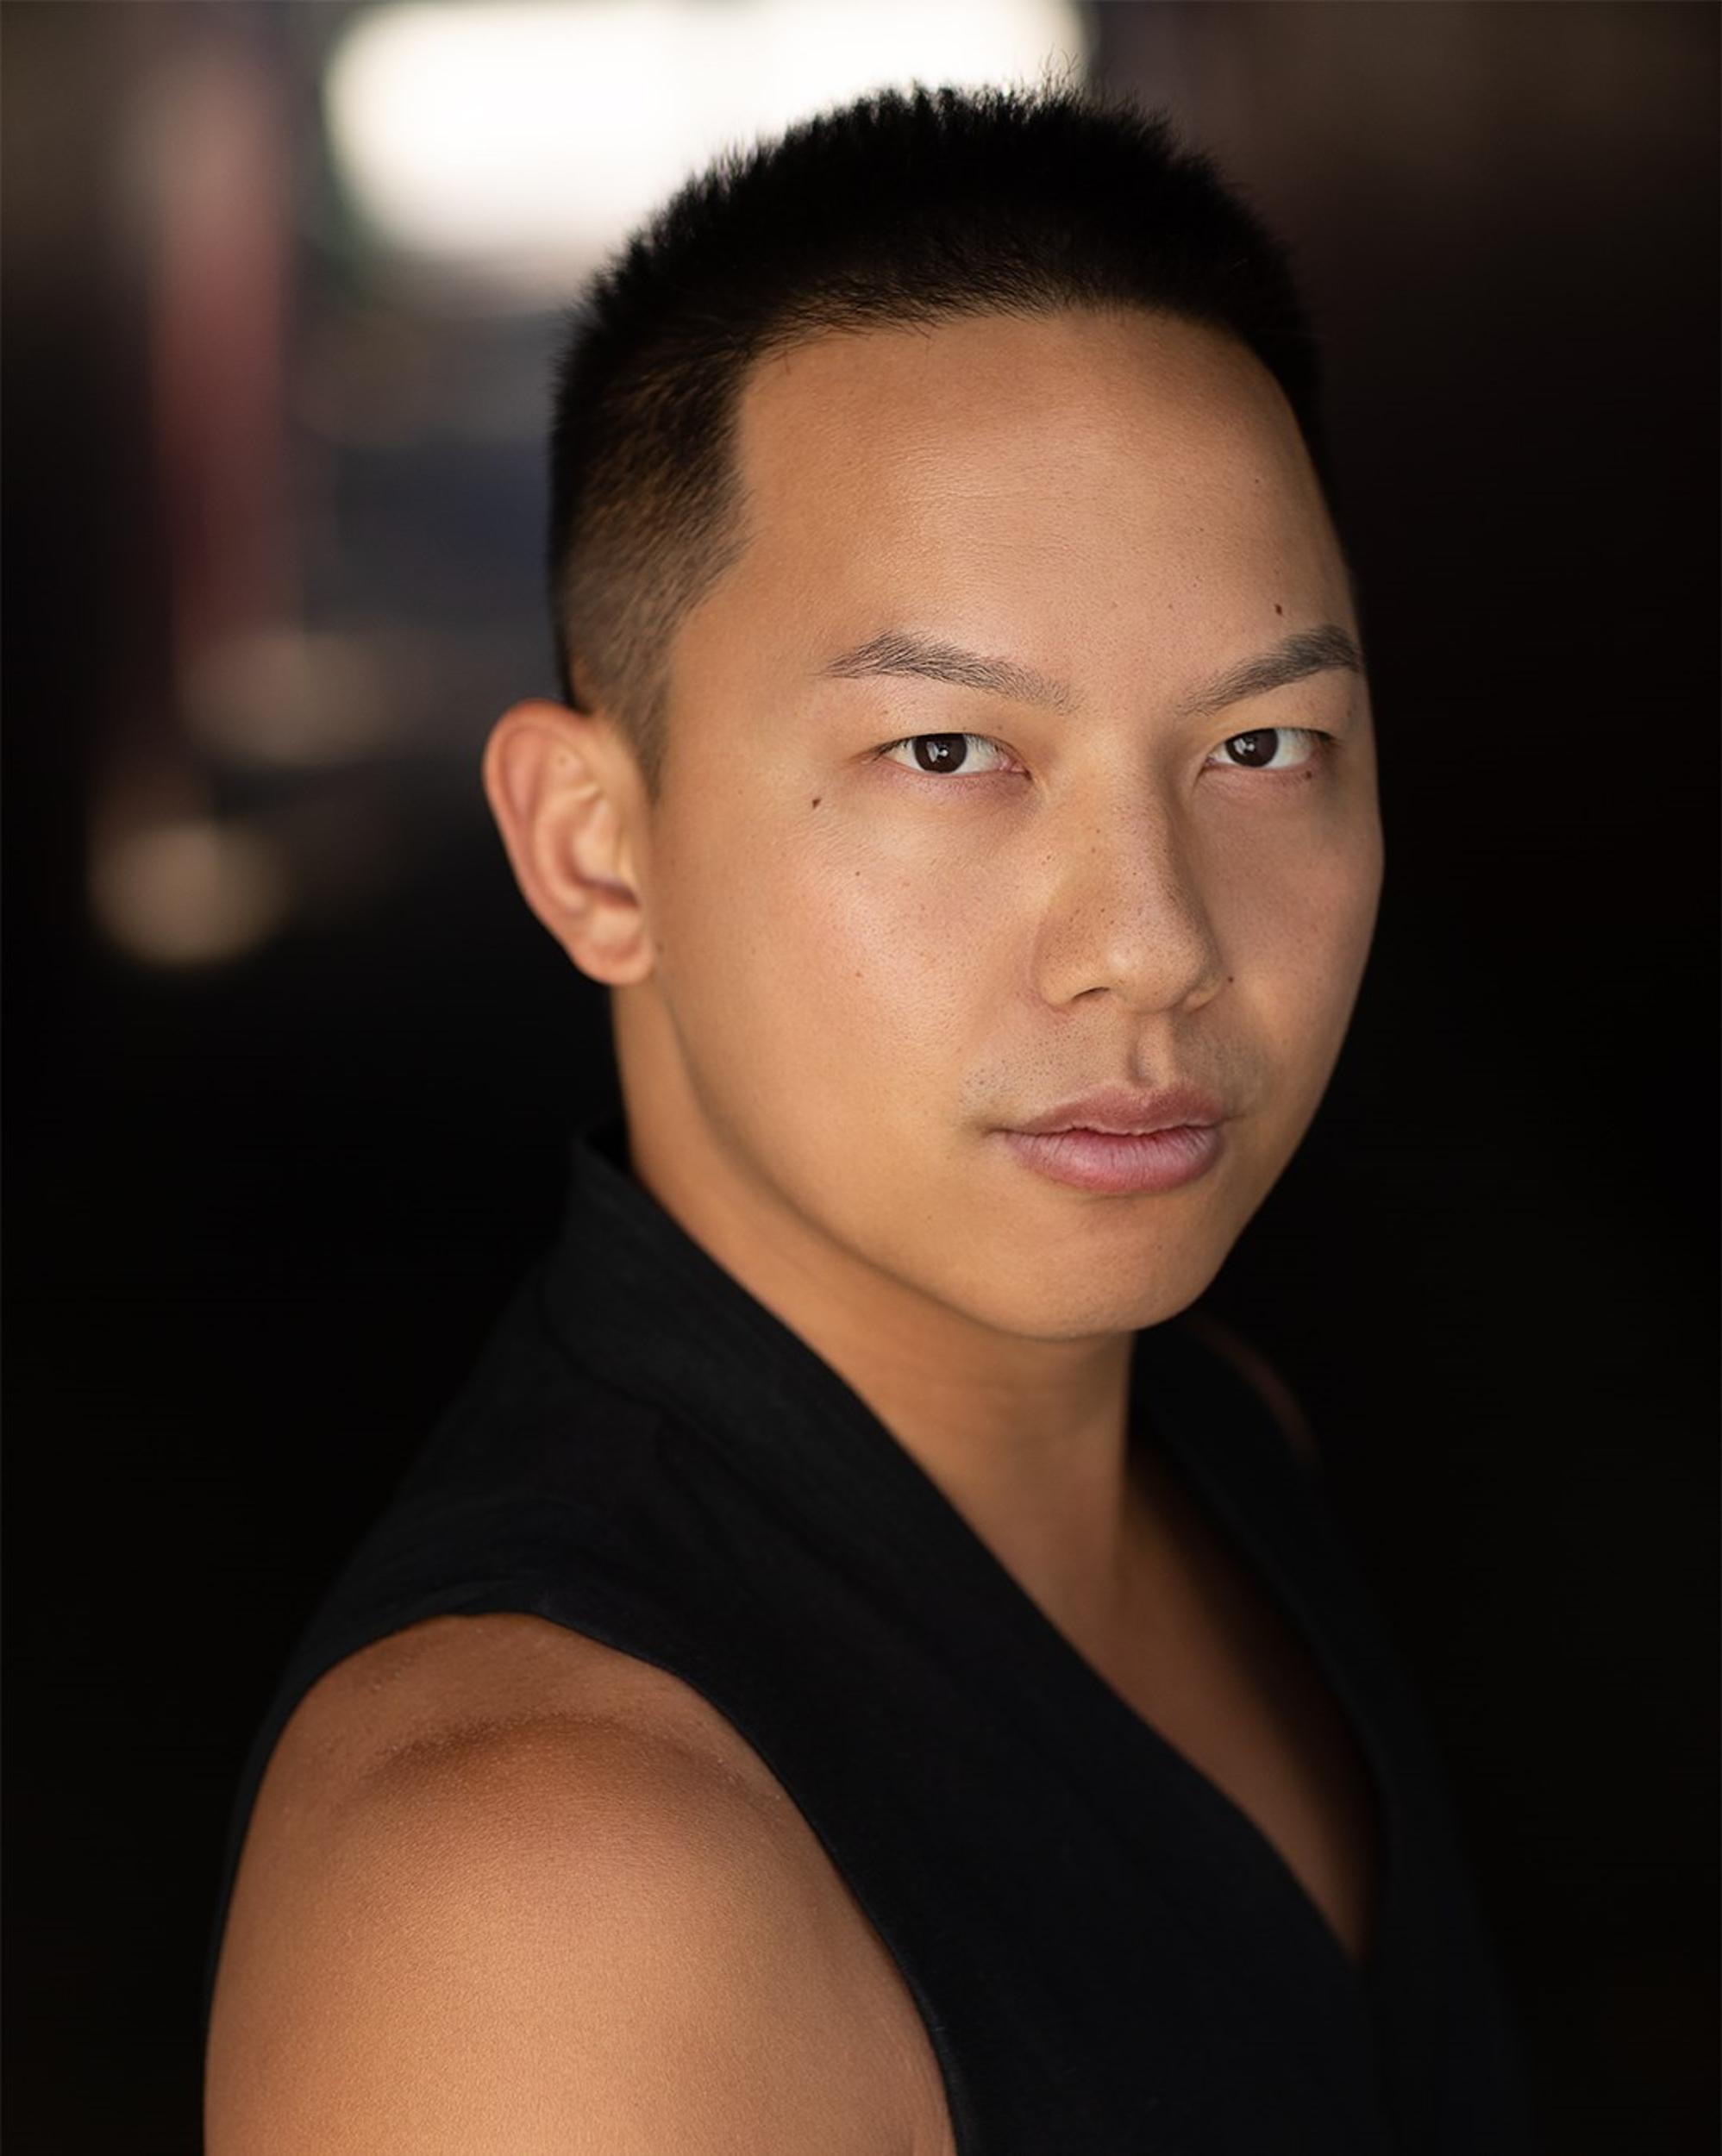 James S. Lau